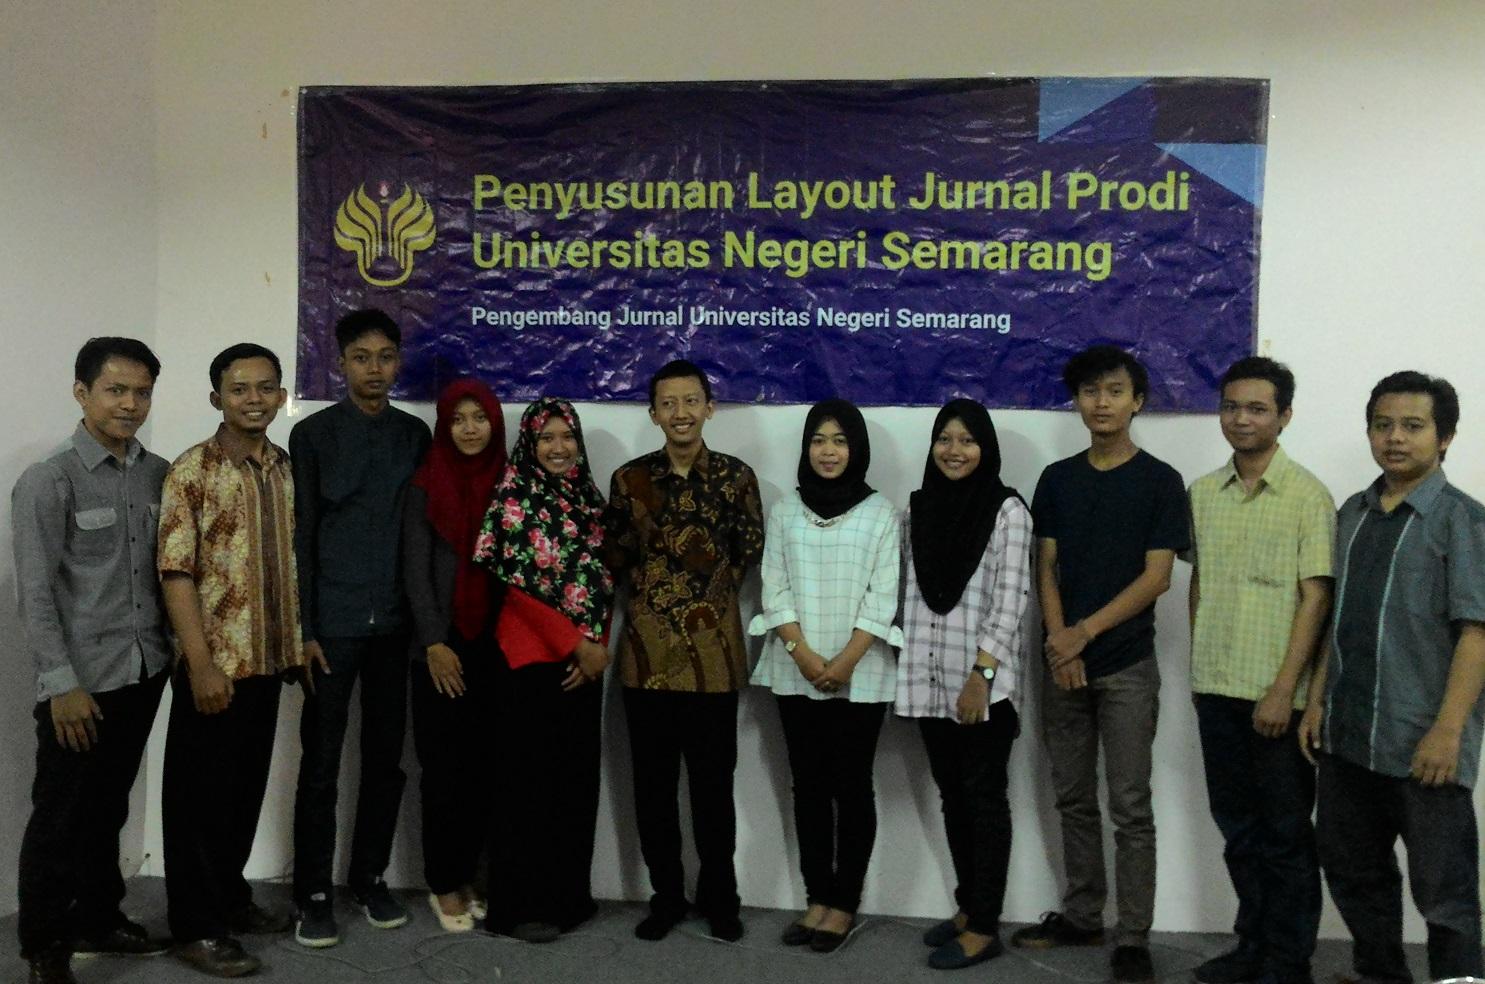 Tingkatkan Publikasi, UNNES Selenggarakan Pelatihan <em>Layout </em>bagi Mahasiswa Pengelola Jurnal